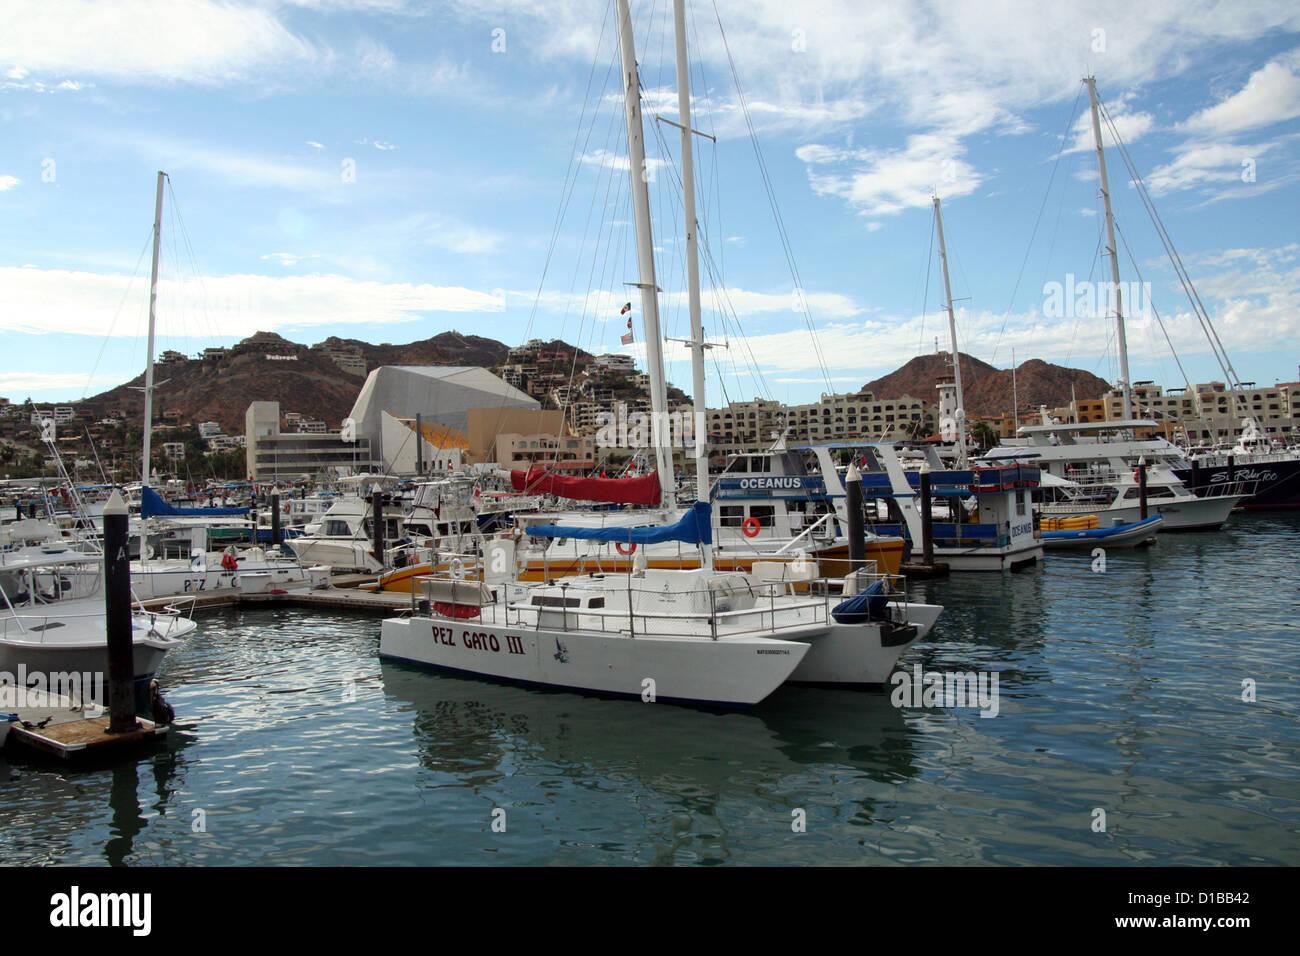 Boats and yachts at Cabo San Lucas Marina Stock Photo